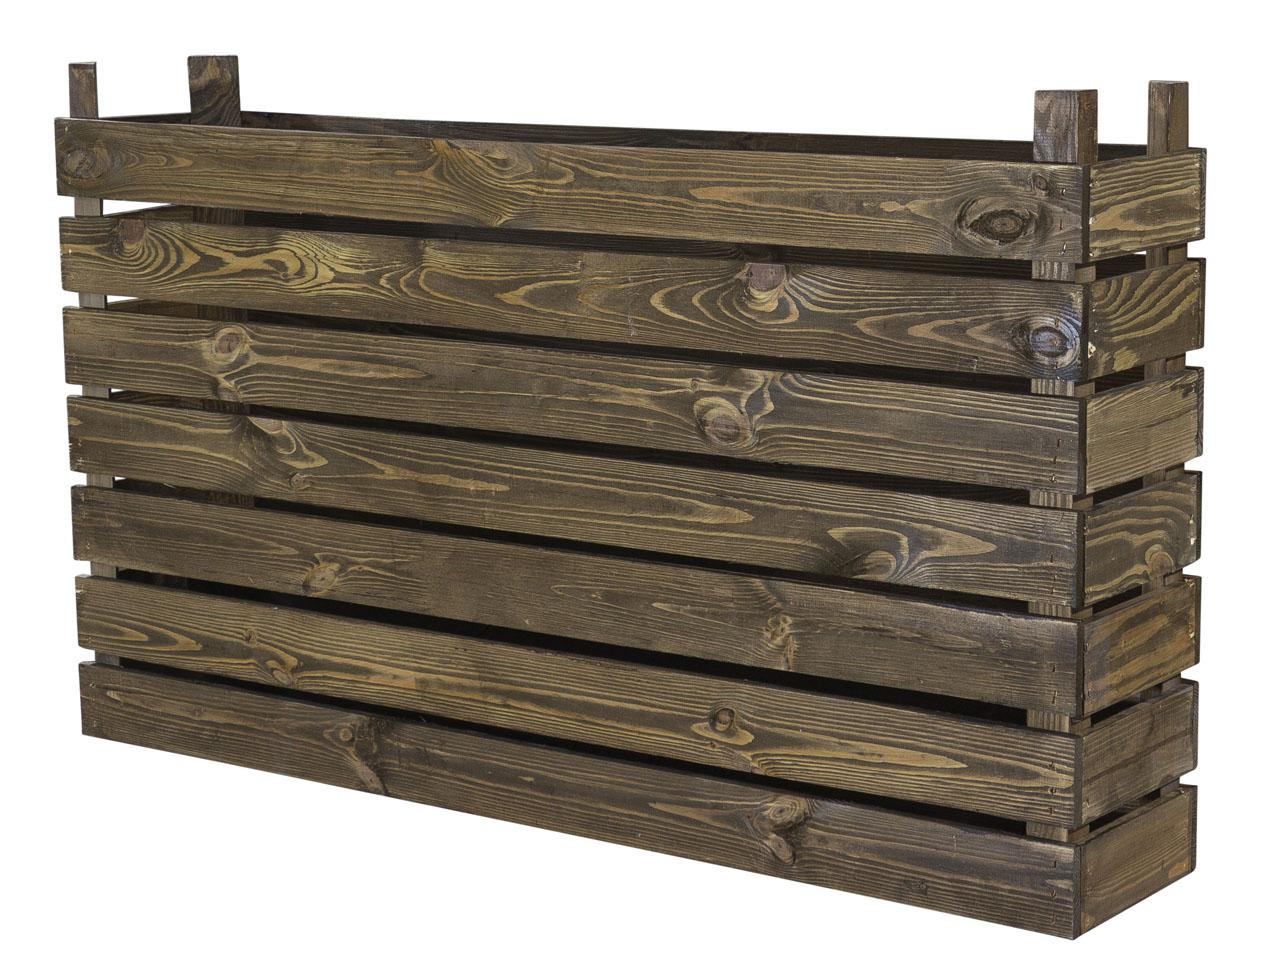 Hochbeet als Zaunelement in dunklem Holz / Sichtschutz 100x60x20cm